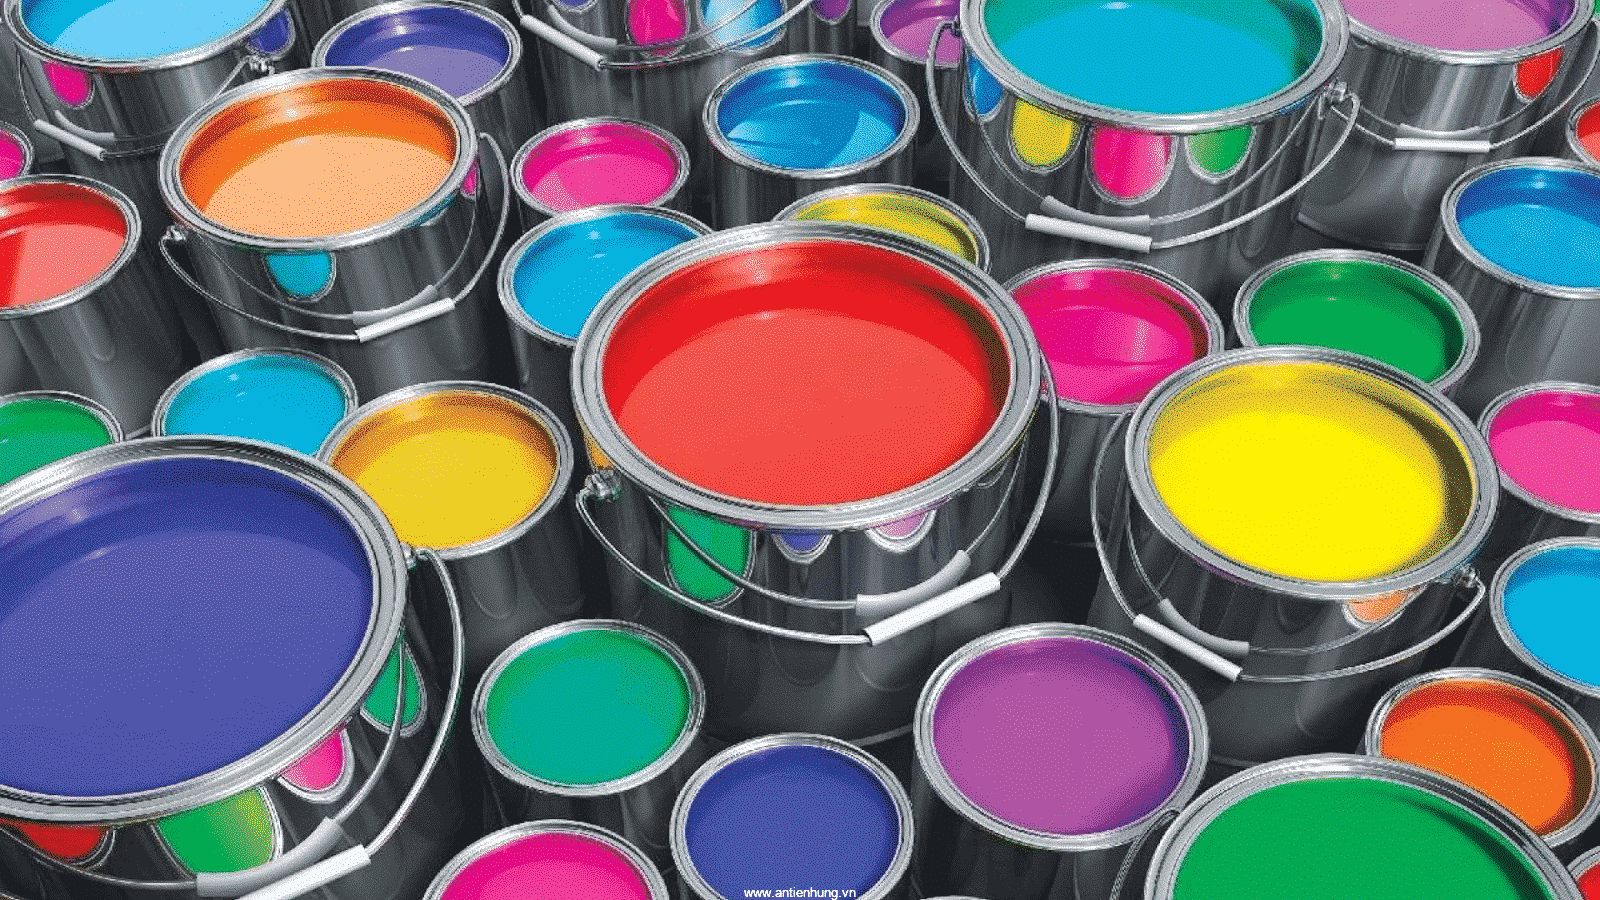 Màu sắc phù hợp sẽ giúp cho ngôi nhà hoàn hảo